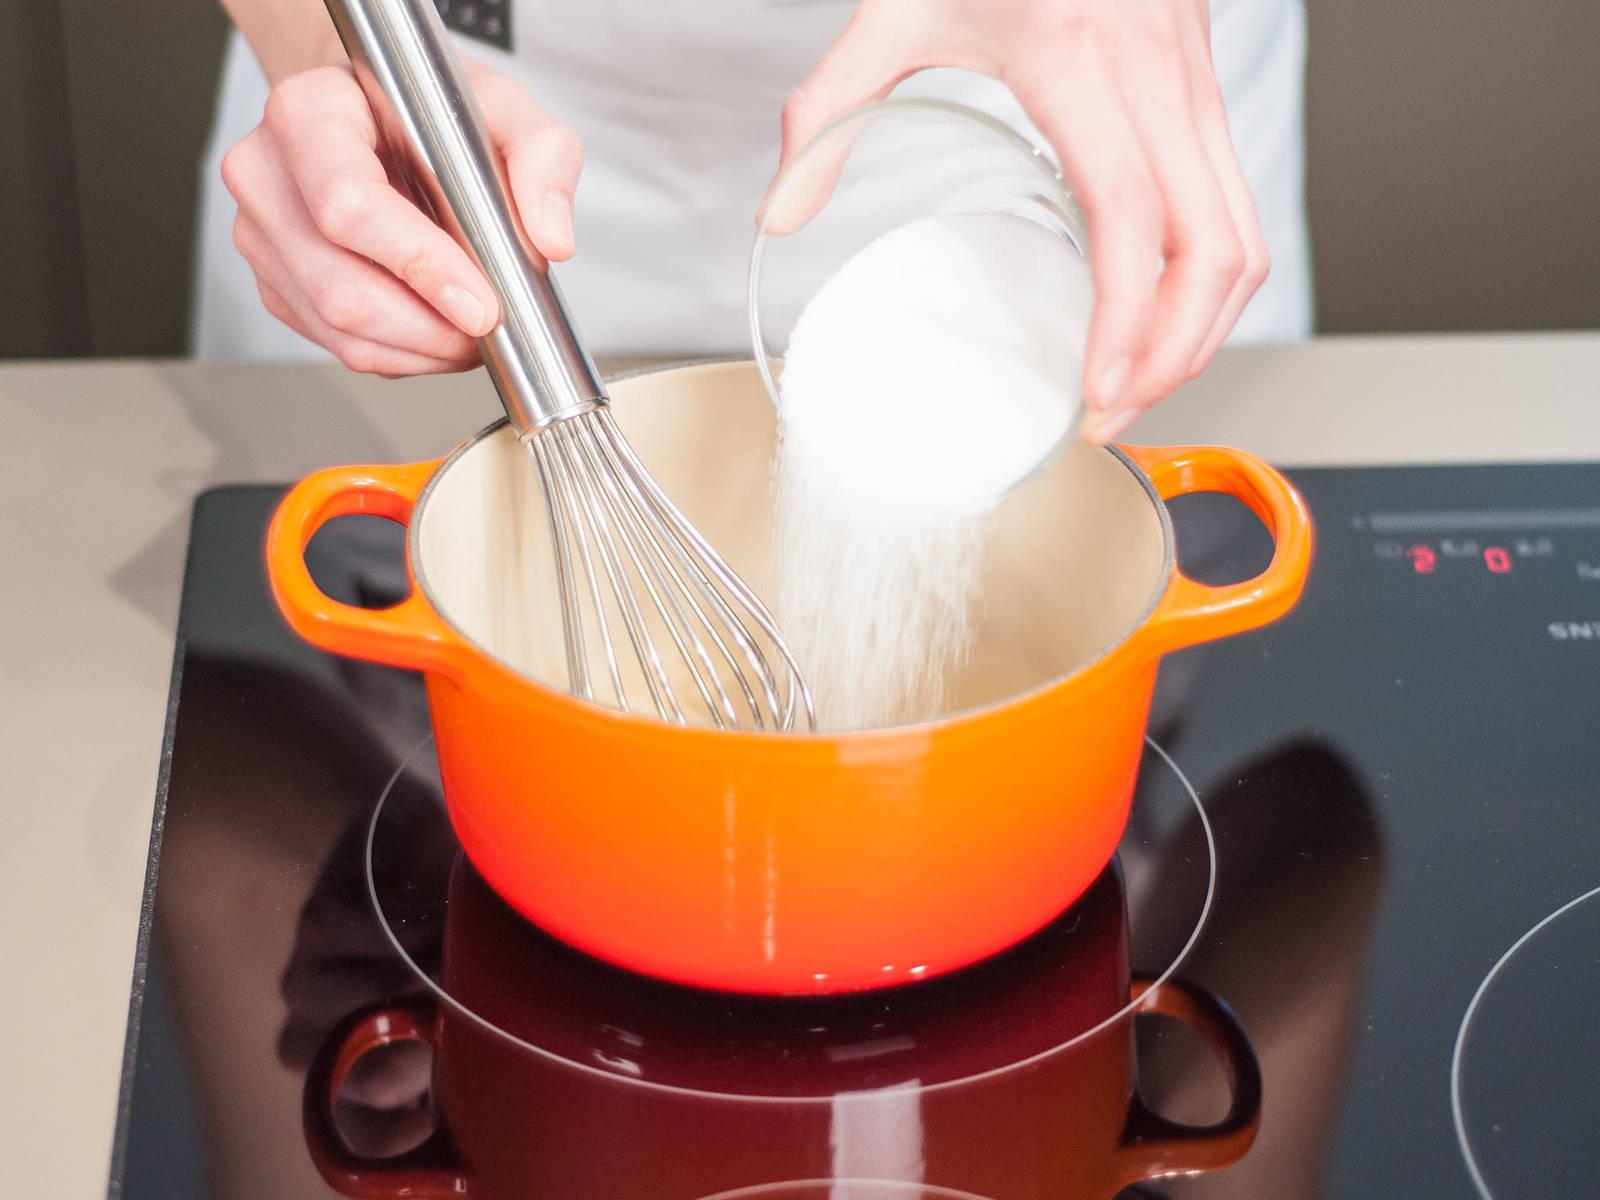 Vollgesogenen Gelatineblätter mit Wasser und Zucker in einen Topf geben. Mixtur bei kleiner bis mittlerer Flamme erhitzen und regelmäßig umrühren. Topf vom Herd nehmen, wenn die Gelatine und der Zucker sich komplett aufgelöst haben und bei Seite stellen.